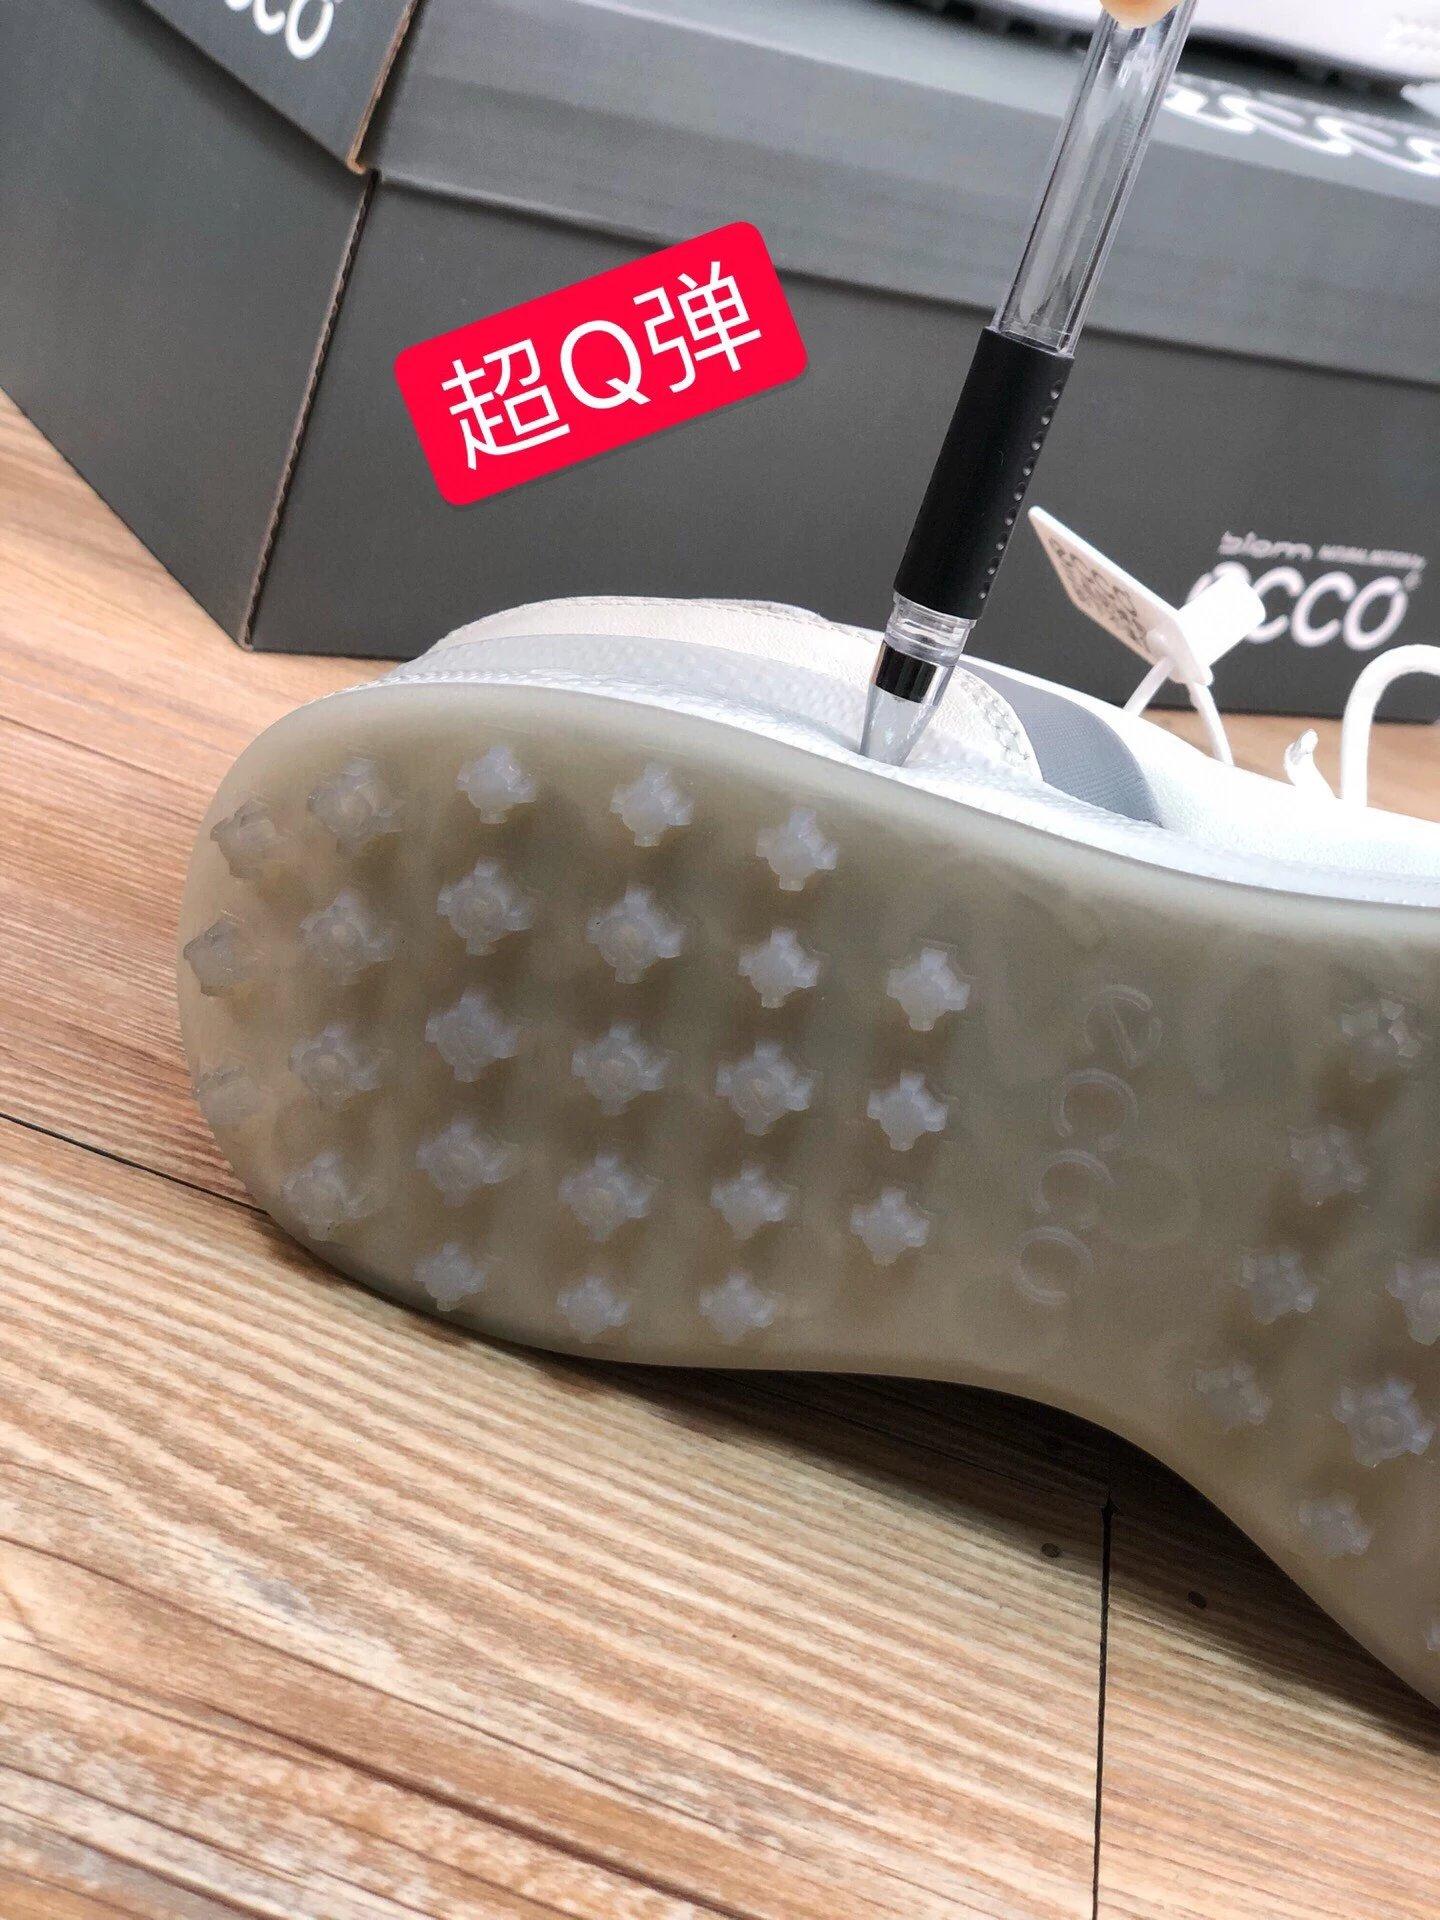 2021年新品、顶级小牛皮!ECCO爱步 防滑高尔夫球鞋男鞋 460元包邮(官网类似款2000+) 买手党-买手聚集的地方